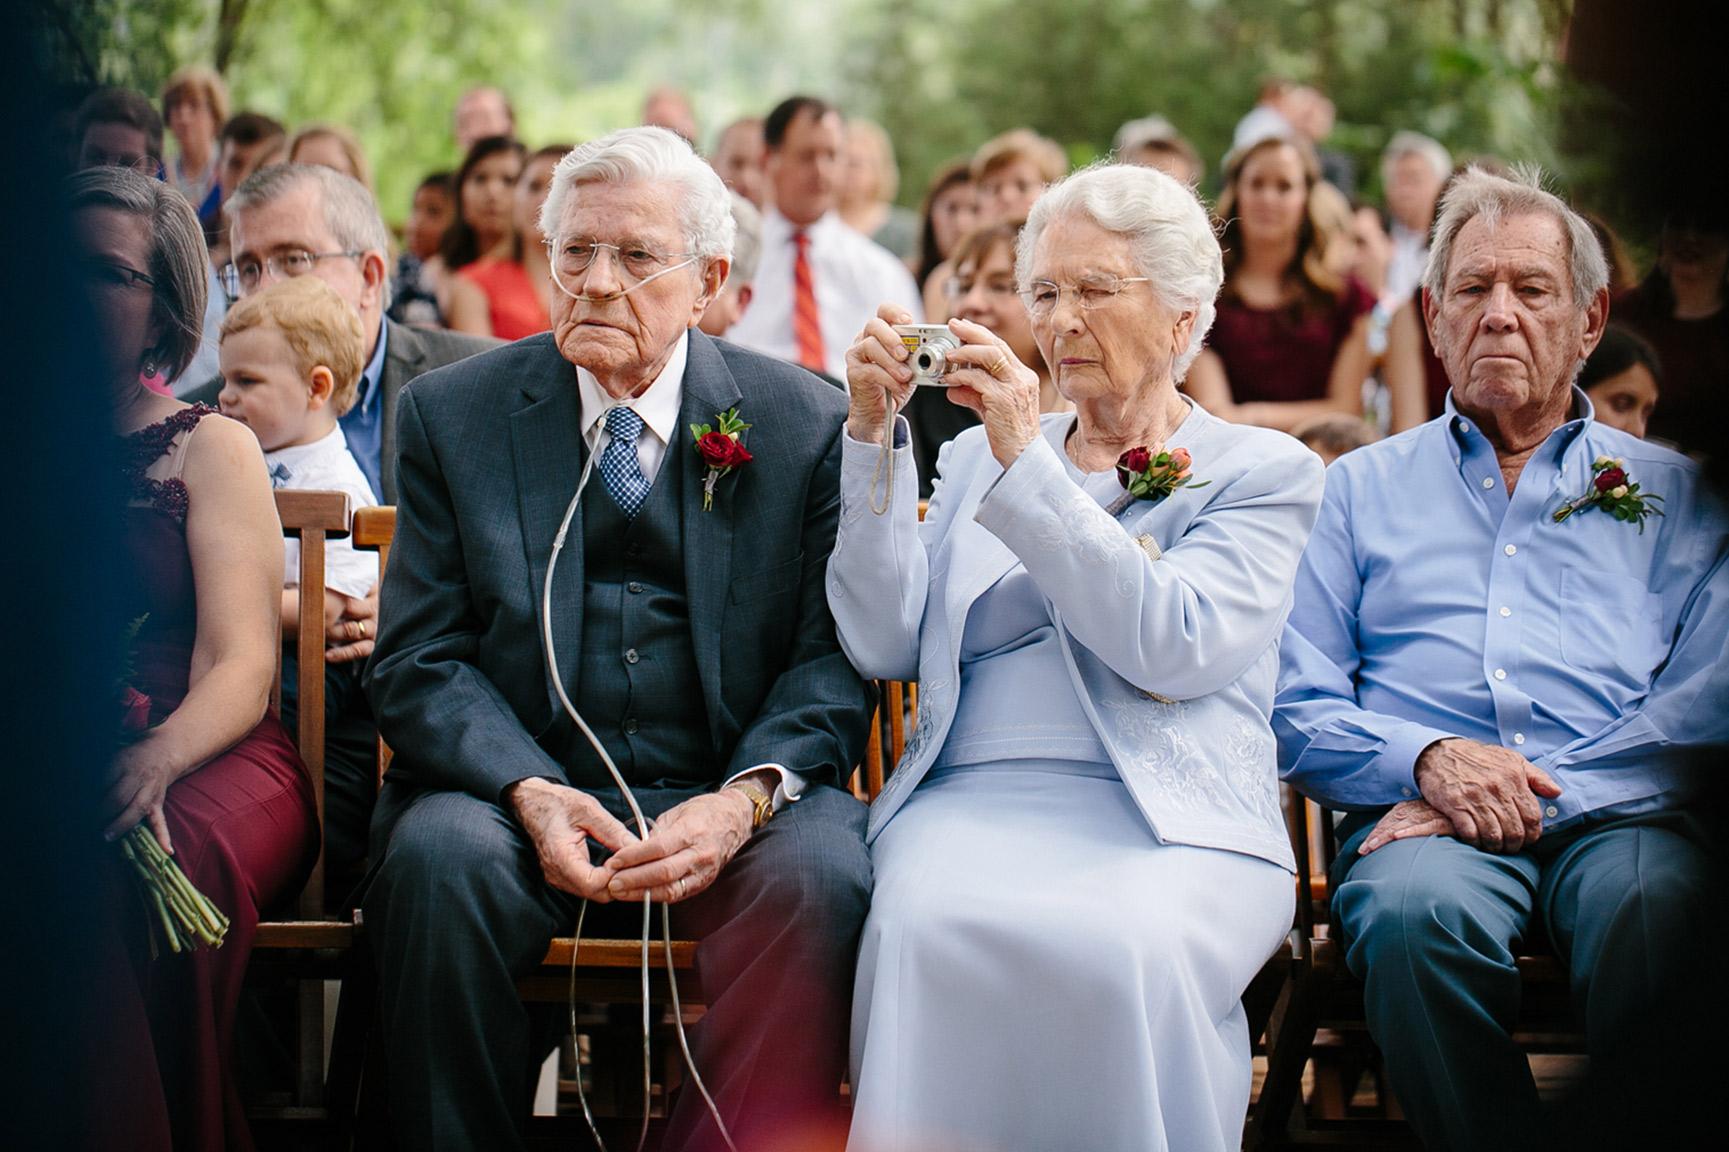 Austin_WeddingPhotographerWARRWEDDING020.jpg